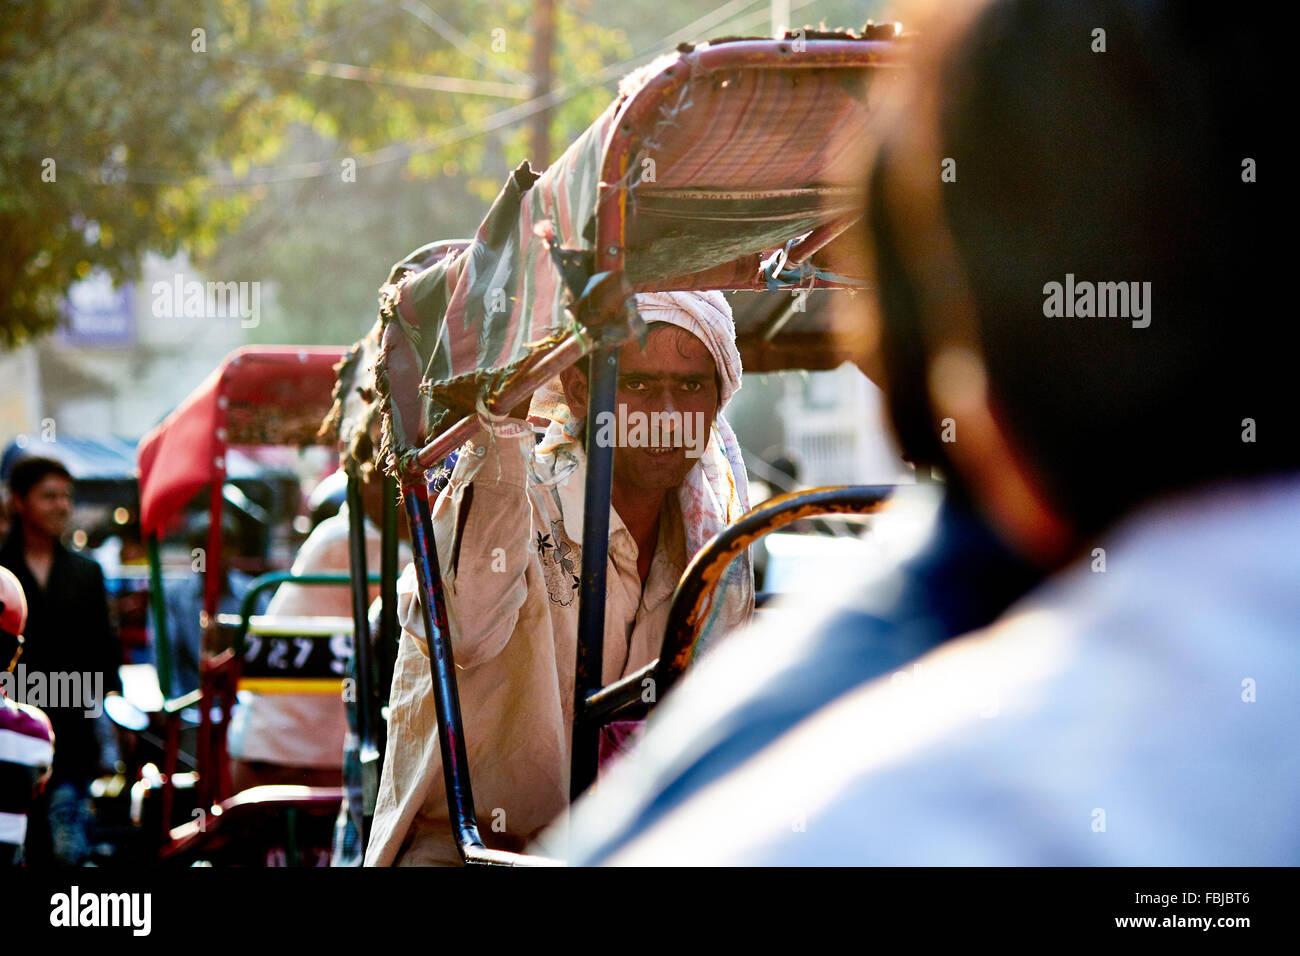 Conducteur de pousse-pousse, les rues de Delhi, Inde, vie quotidienne Photo Stock